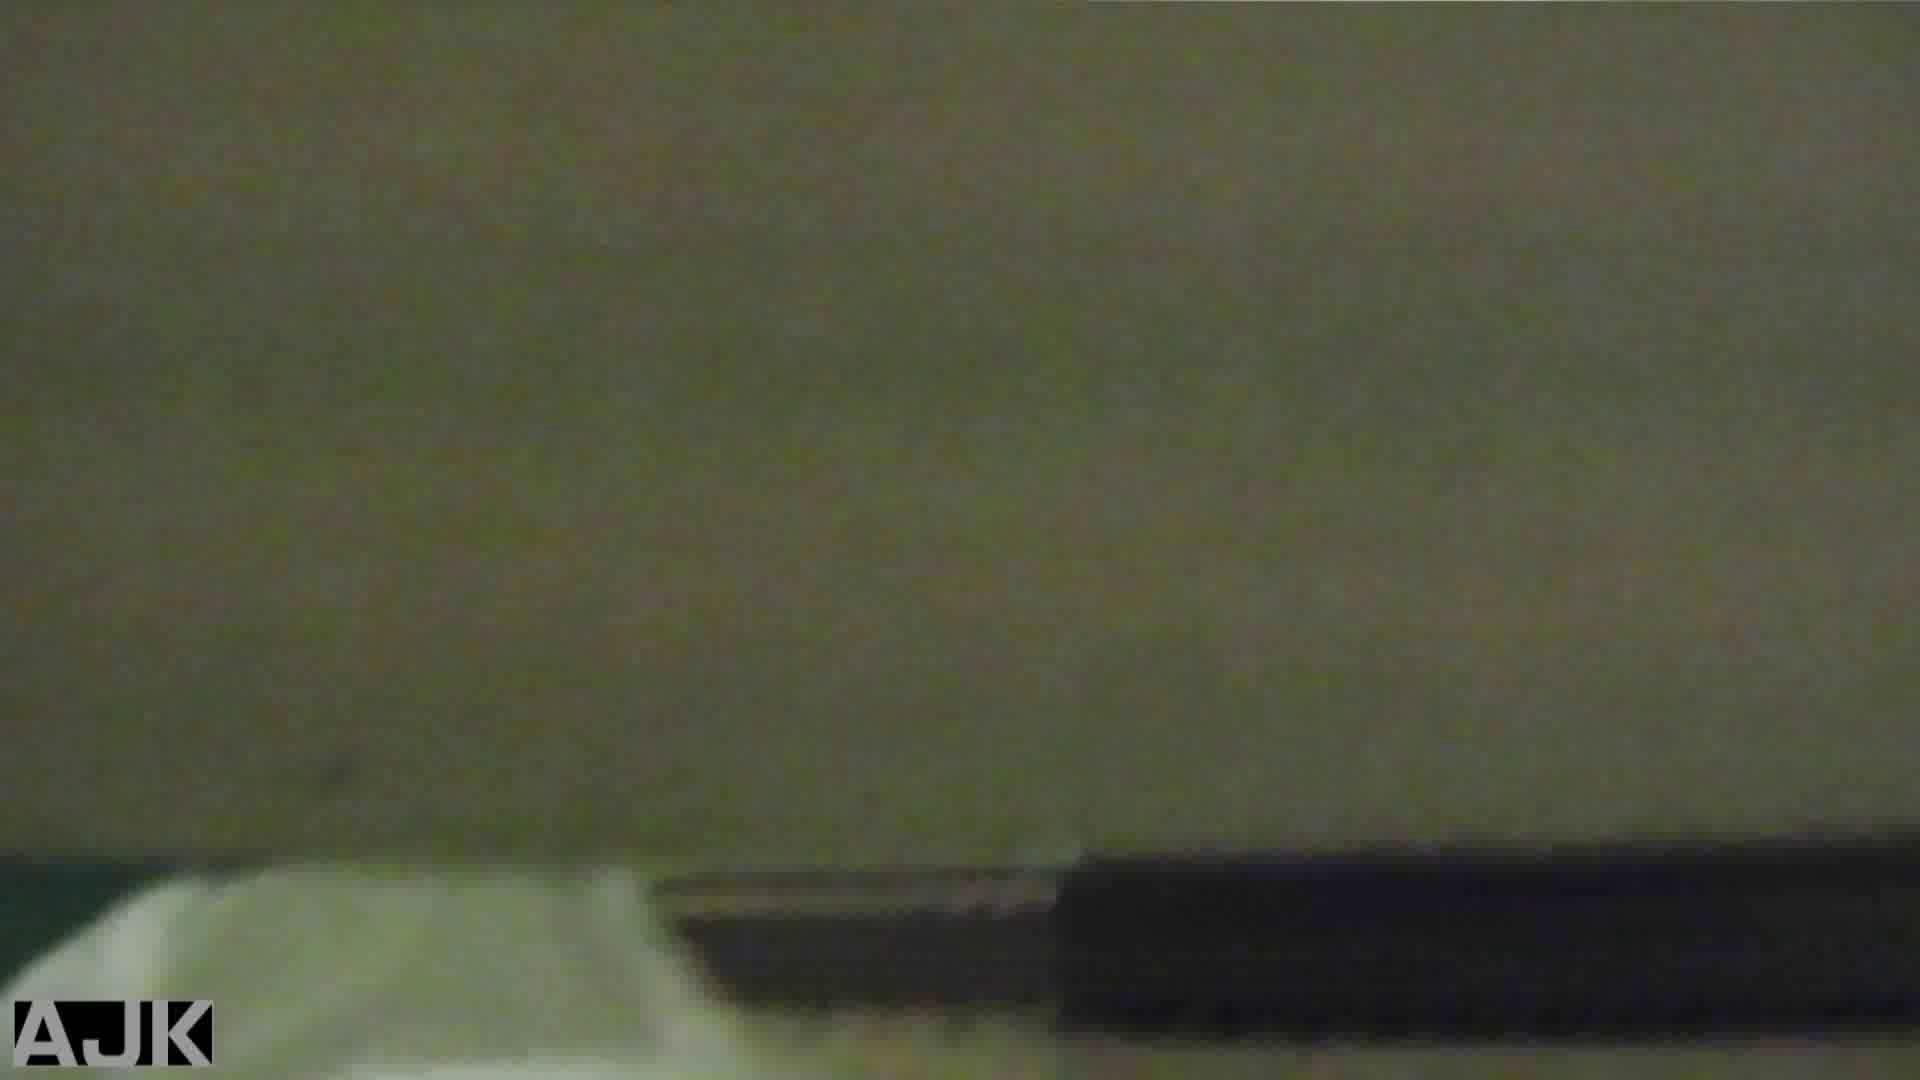 神降臨!史上最強の潜入かわや! vol.16 美しいOLの裸体   潜入突撃  106pic 1